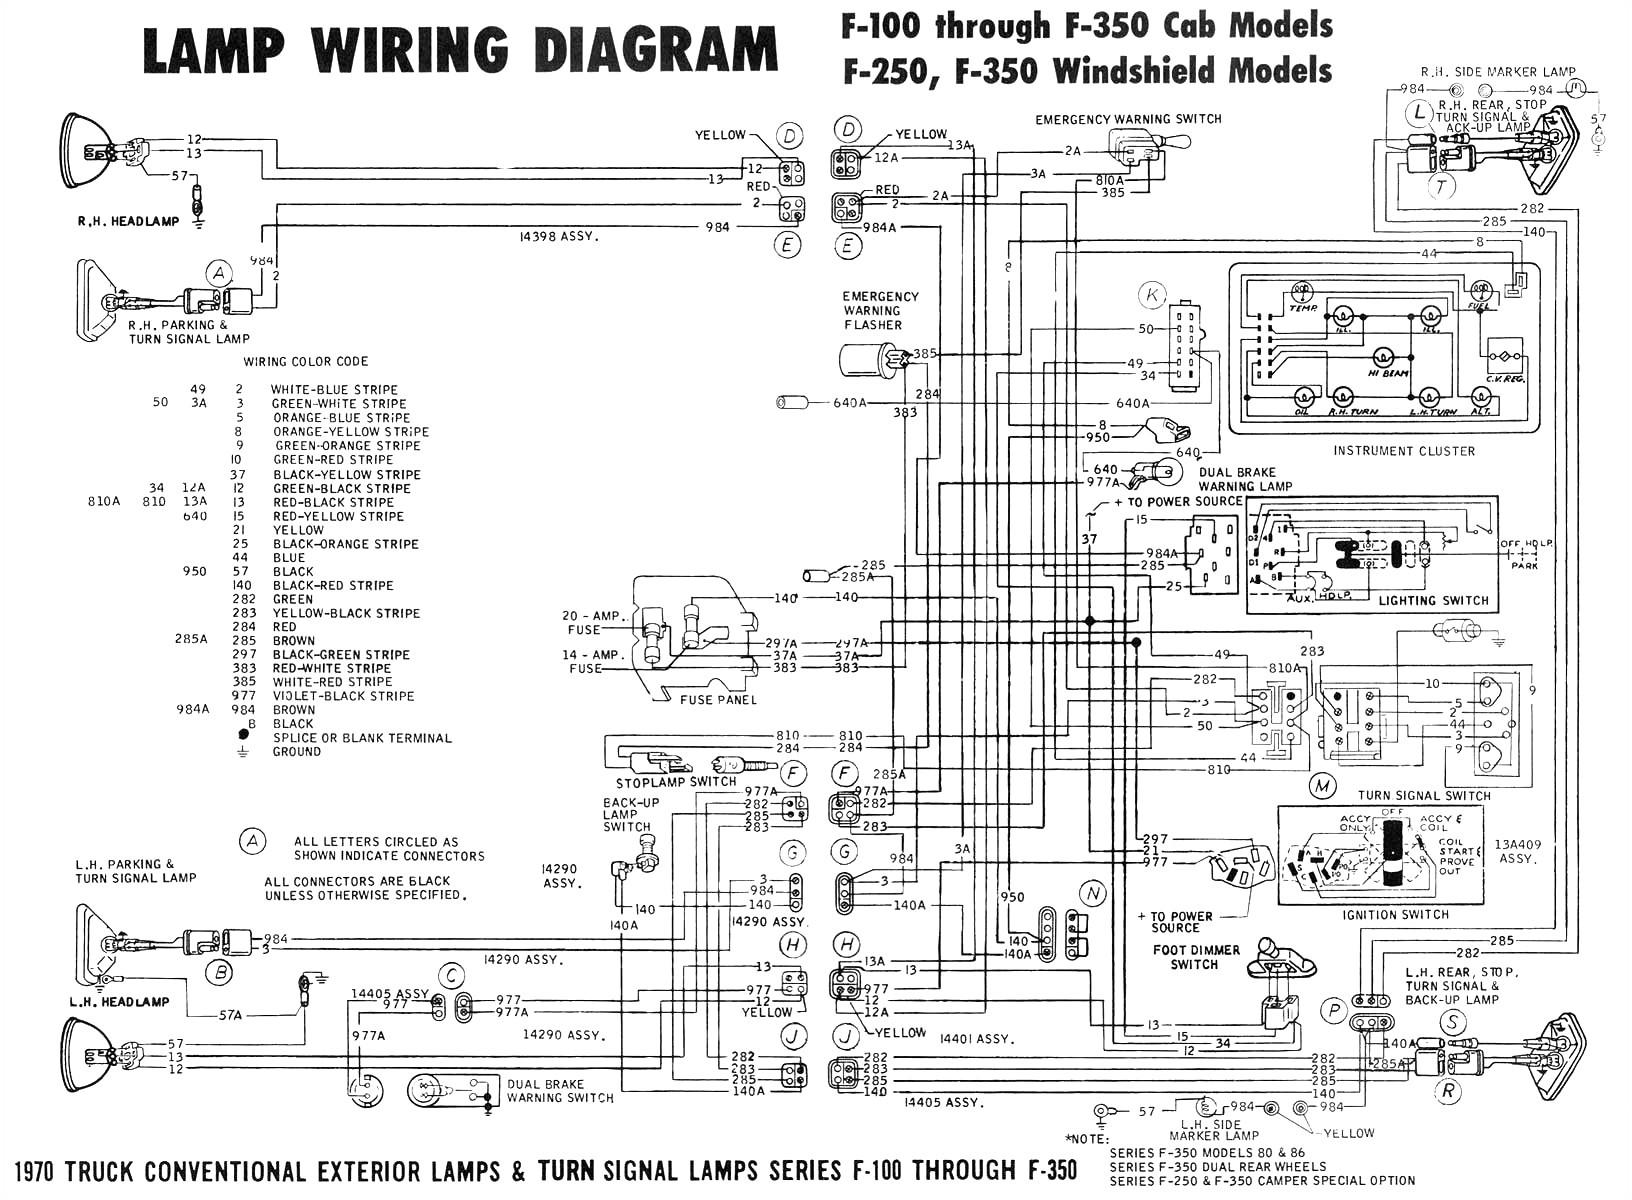 02 f150 tail light wiring diagram wiring diagram name 2002 ford f150 brake light wiring diagram 2002 ford f 150 tail light wiring diagram